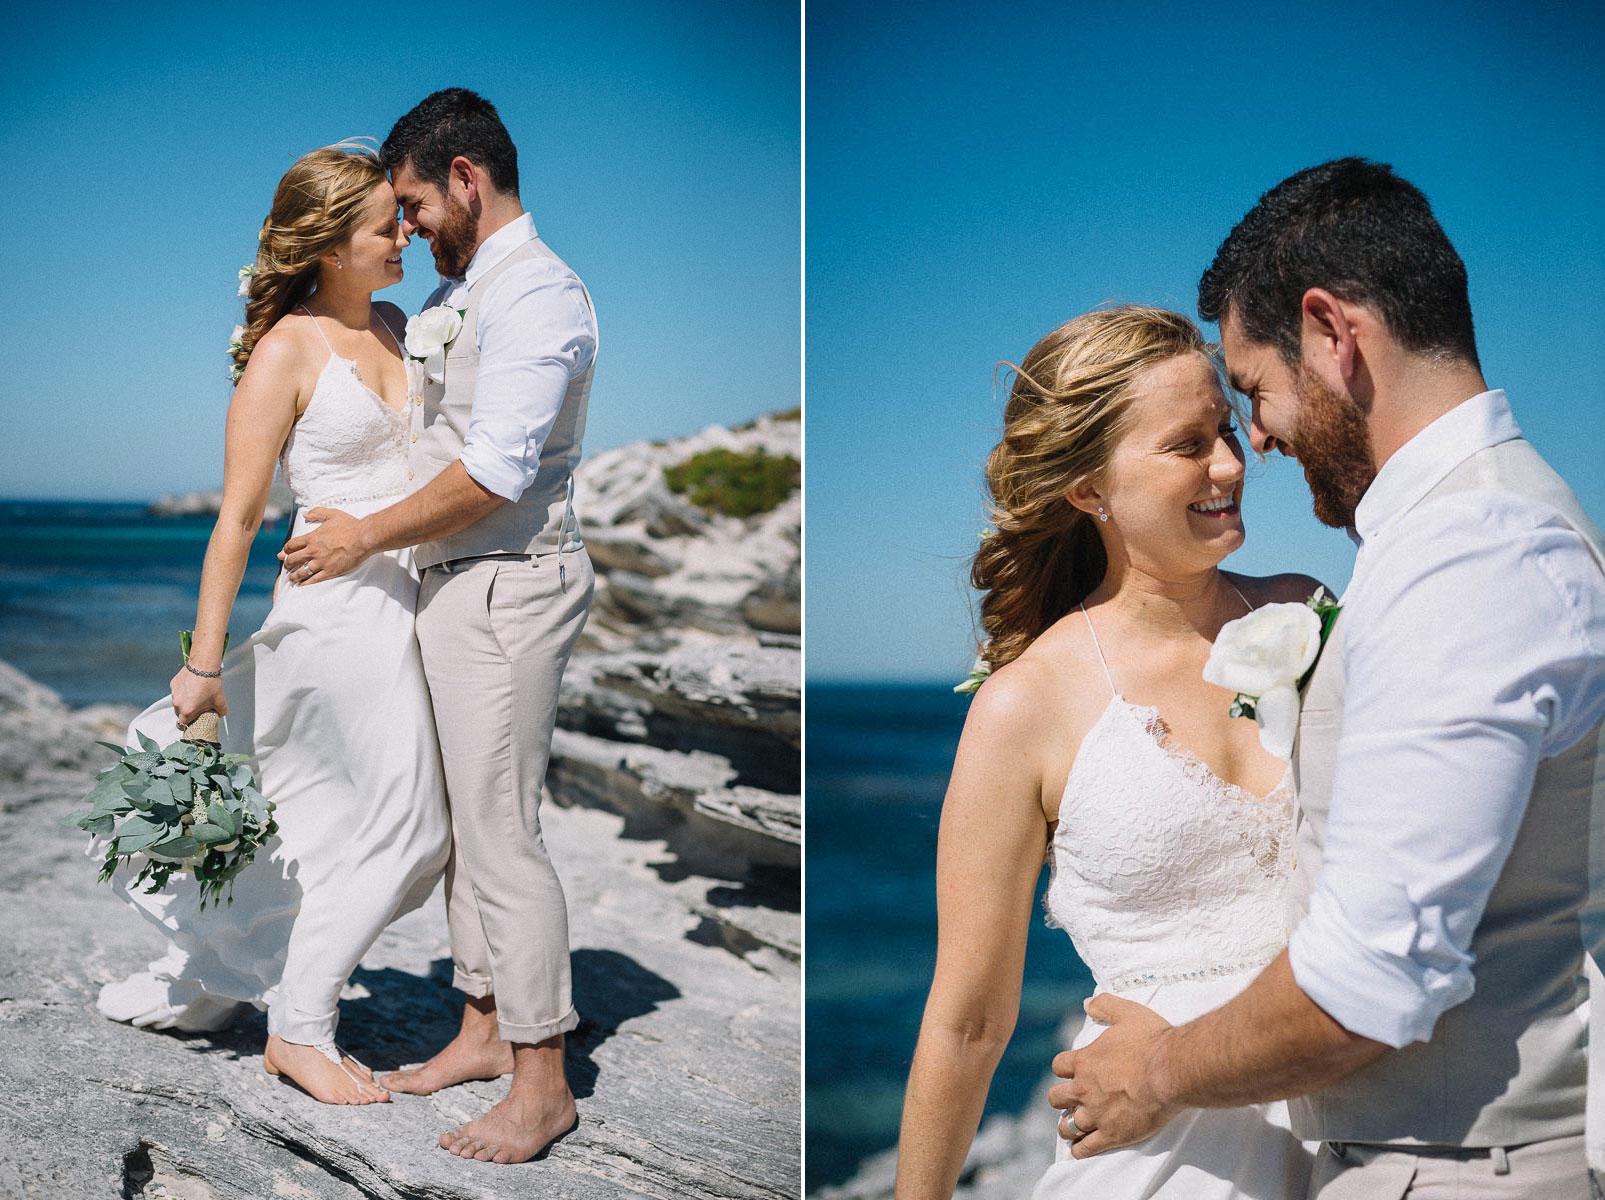 rottnest-island-elopement-piotrek-ziolkowski-photographer-29.jpg